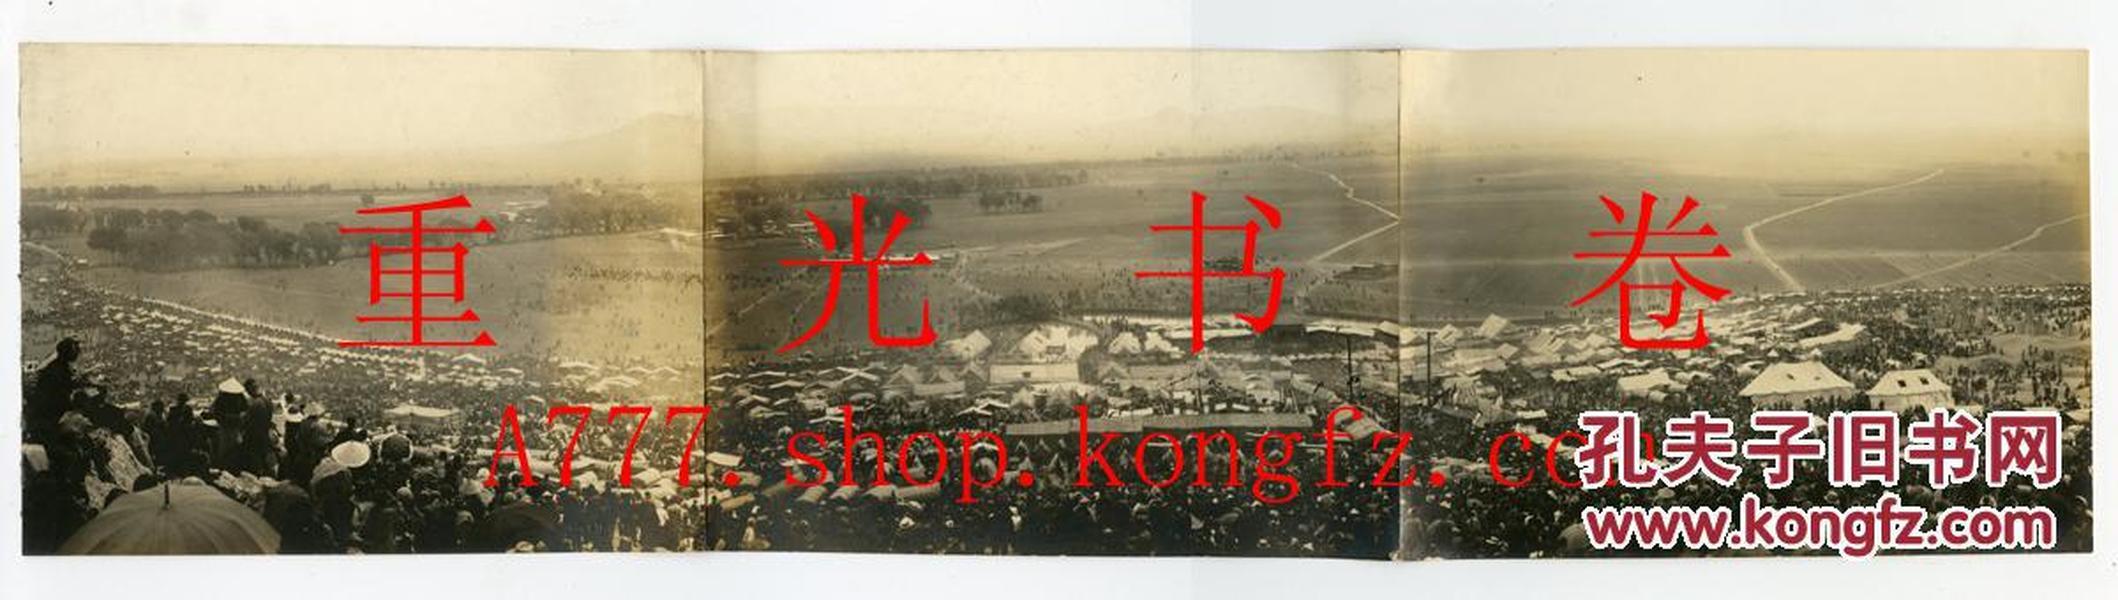 民国 1920年代 辽宁 营口 大石桥 长卷 数万人场景 ,大石桥版清明上河图(43.5x10.7cm)